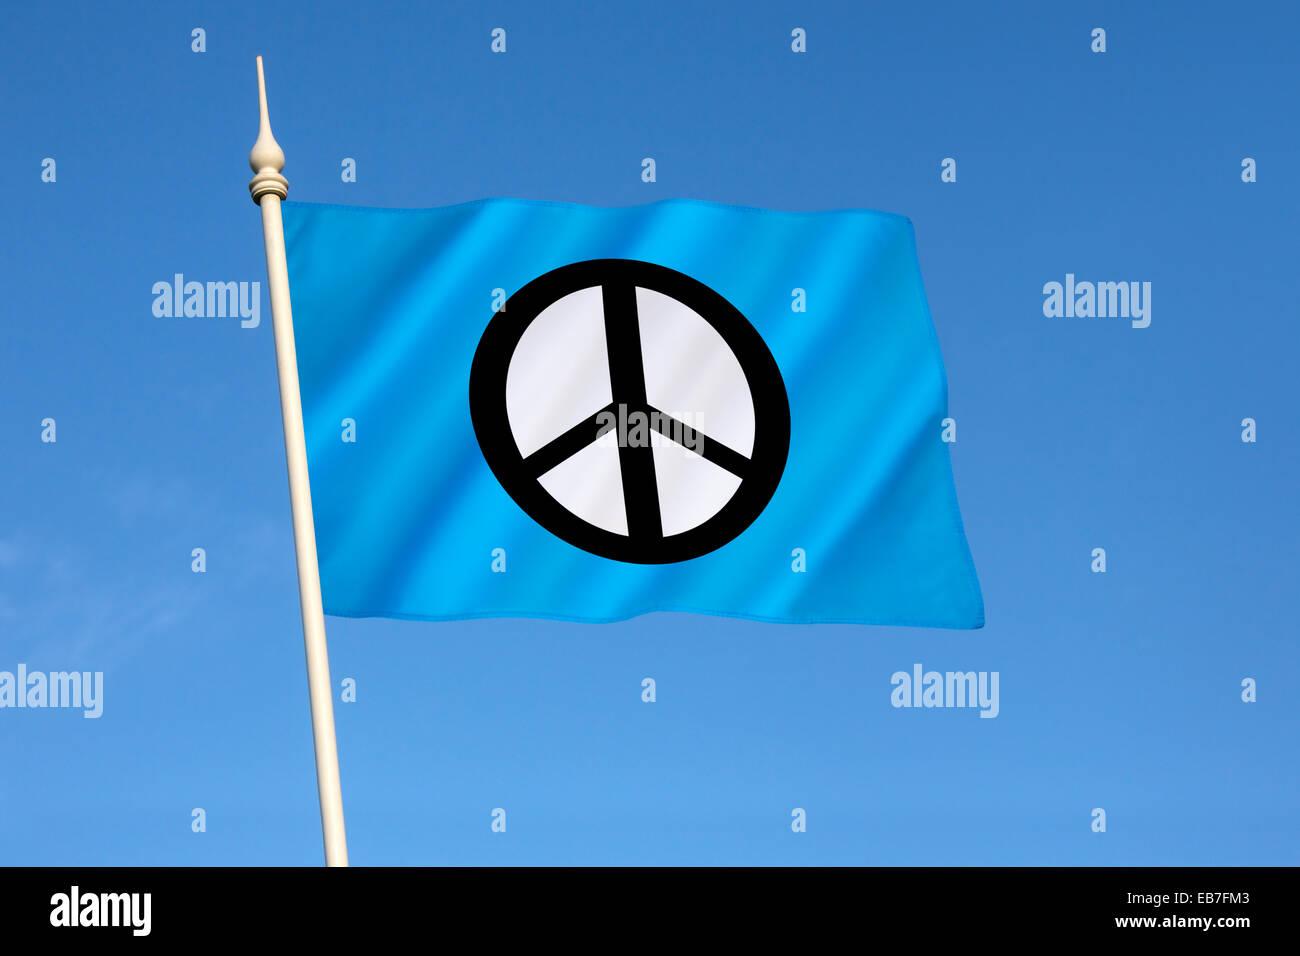 Pavillon de la campagne pour le désarmement nucléaire - CND Photo Stock